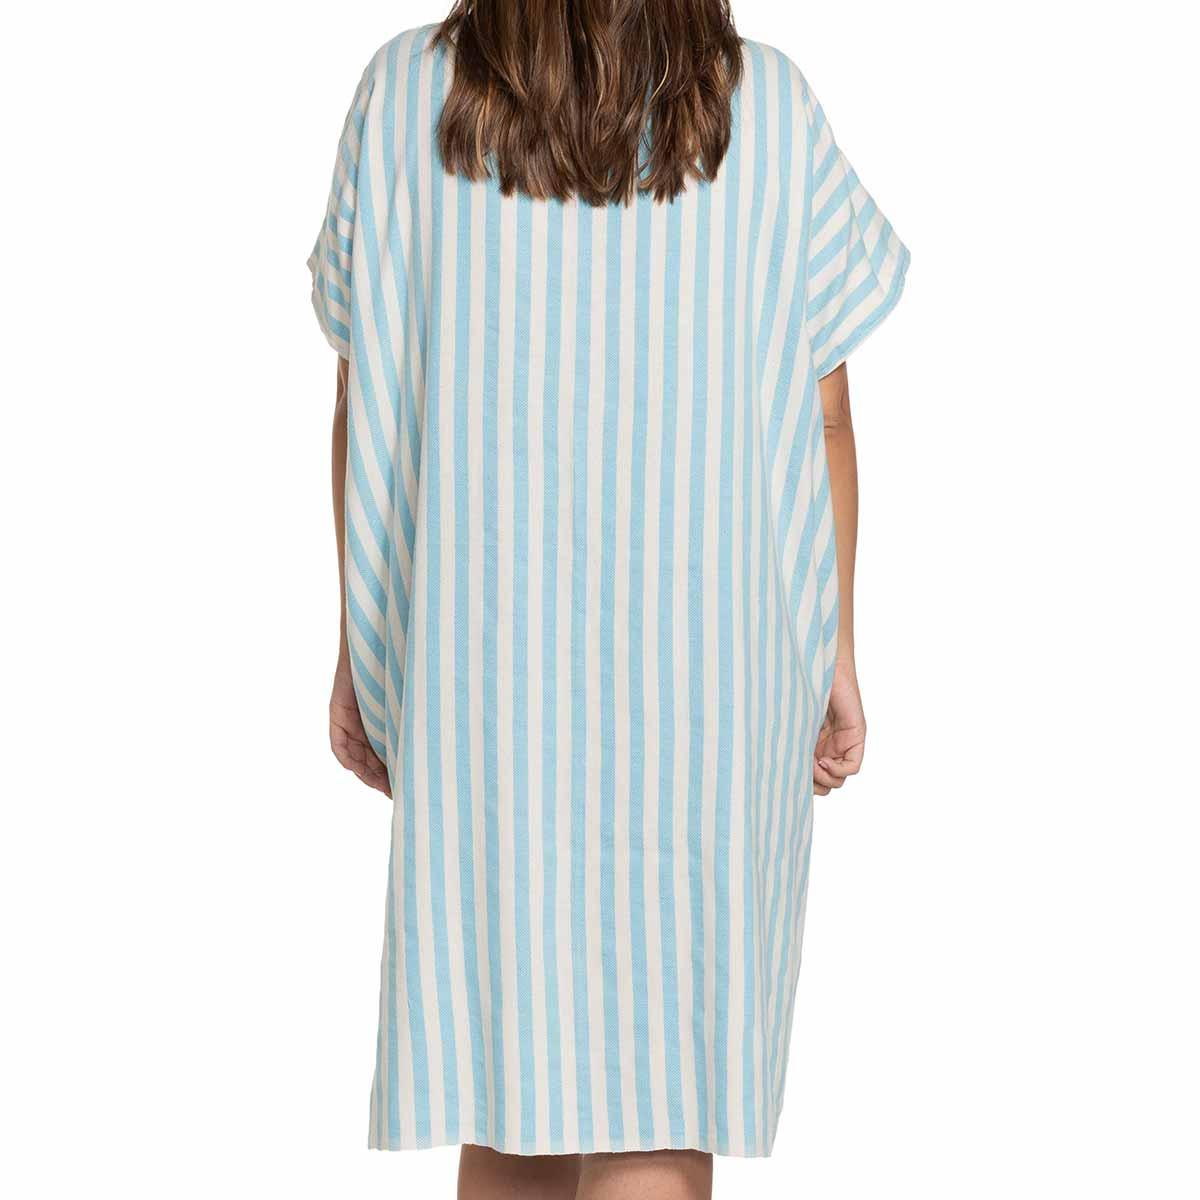 Jacket / Dress Santuri - Turquoise